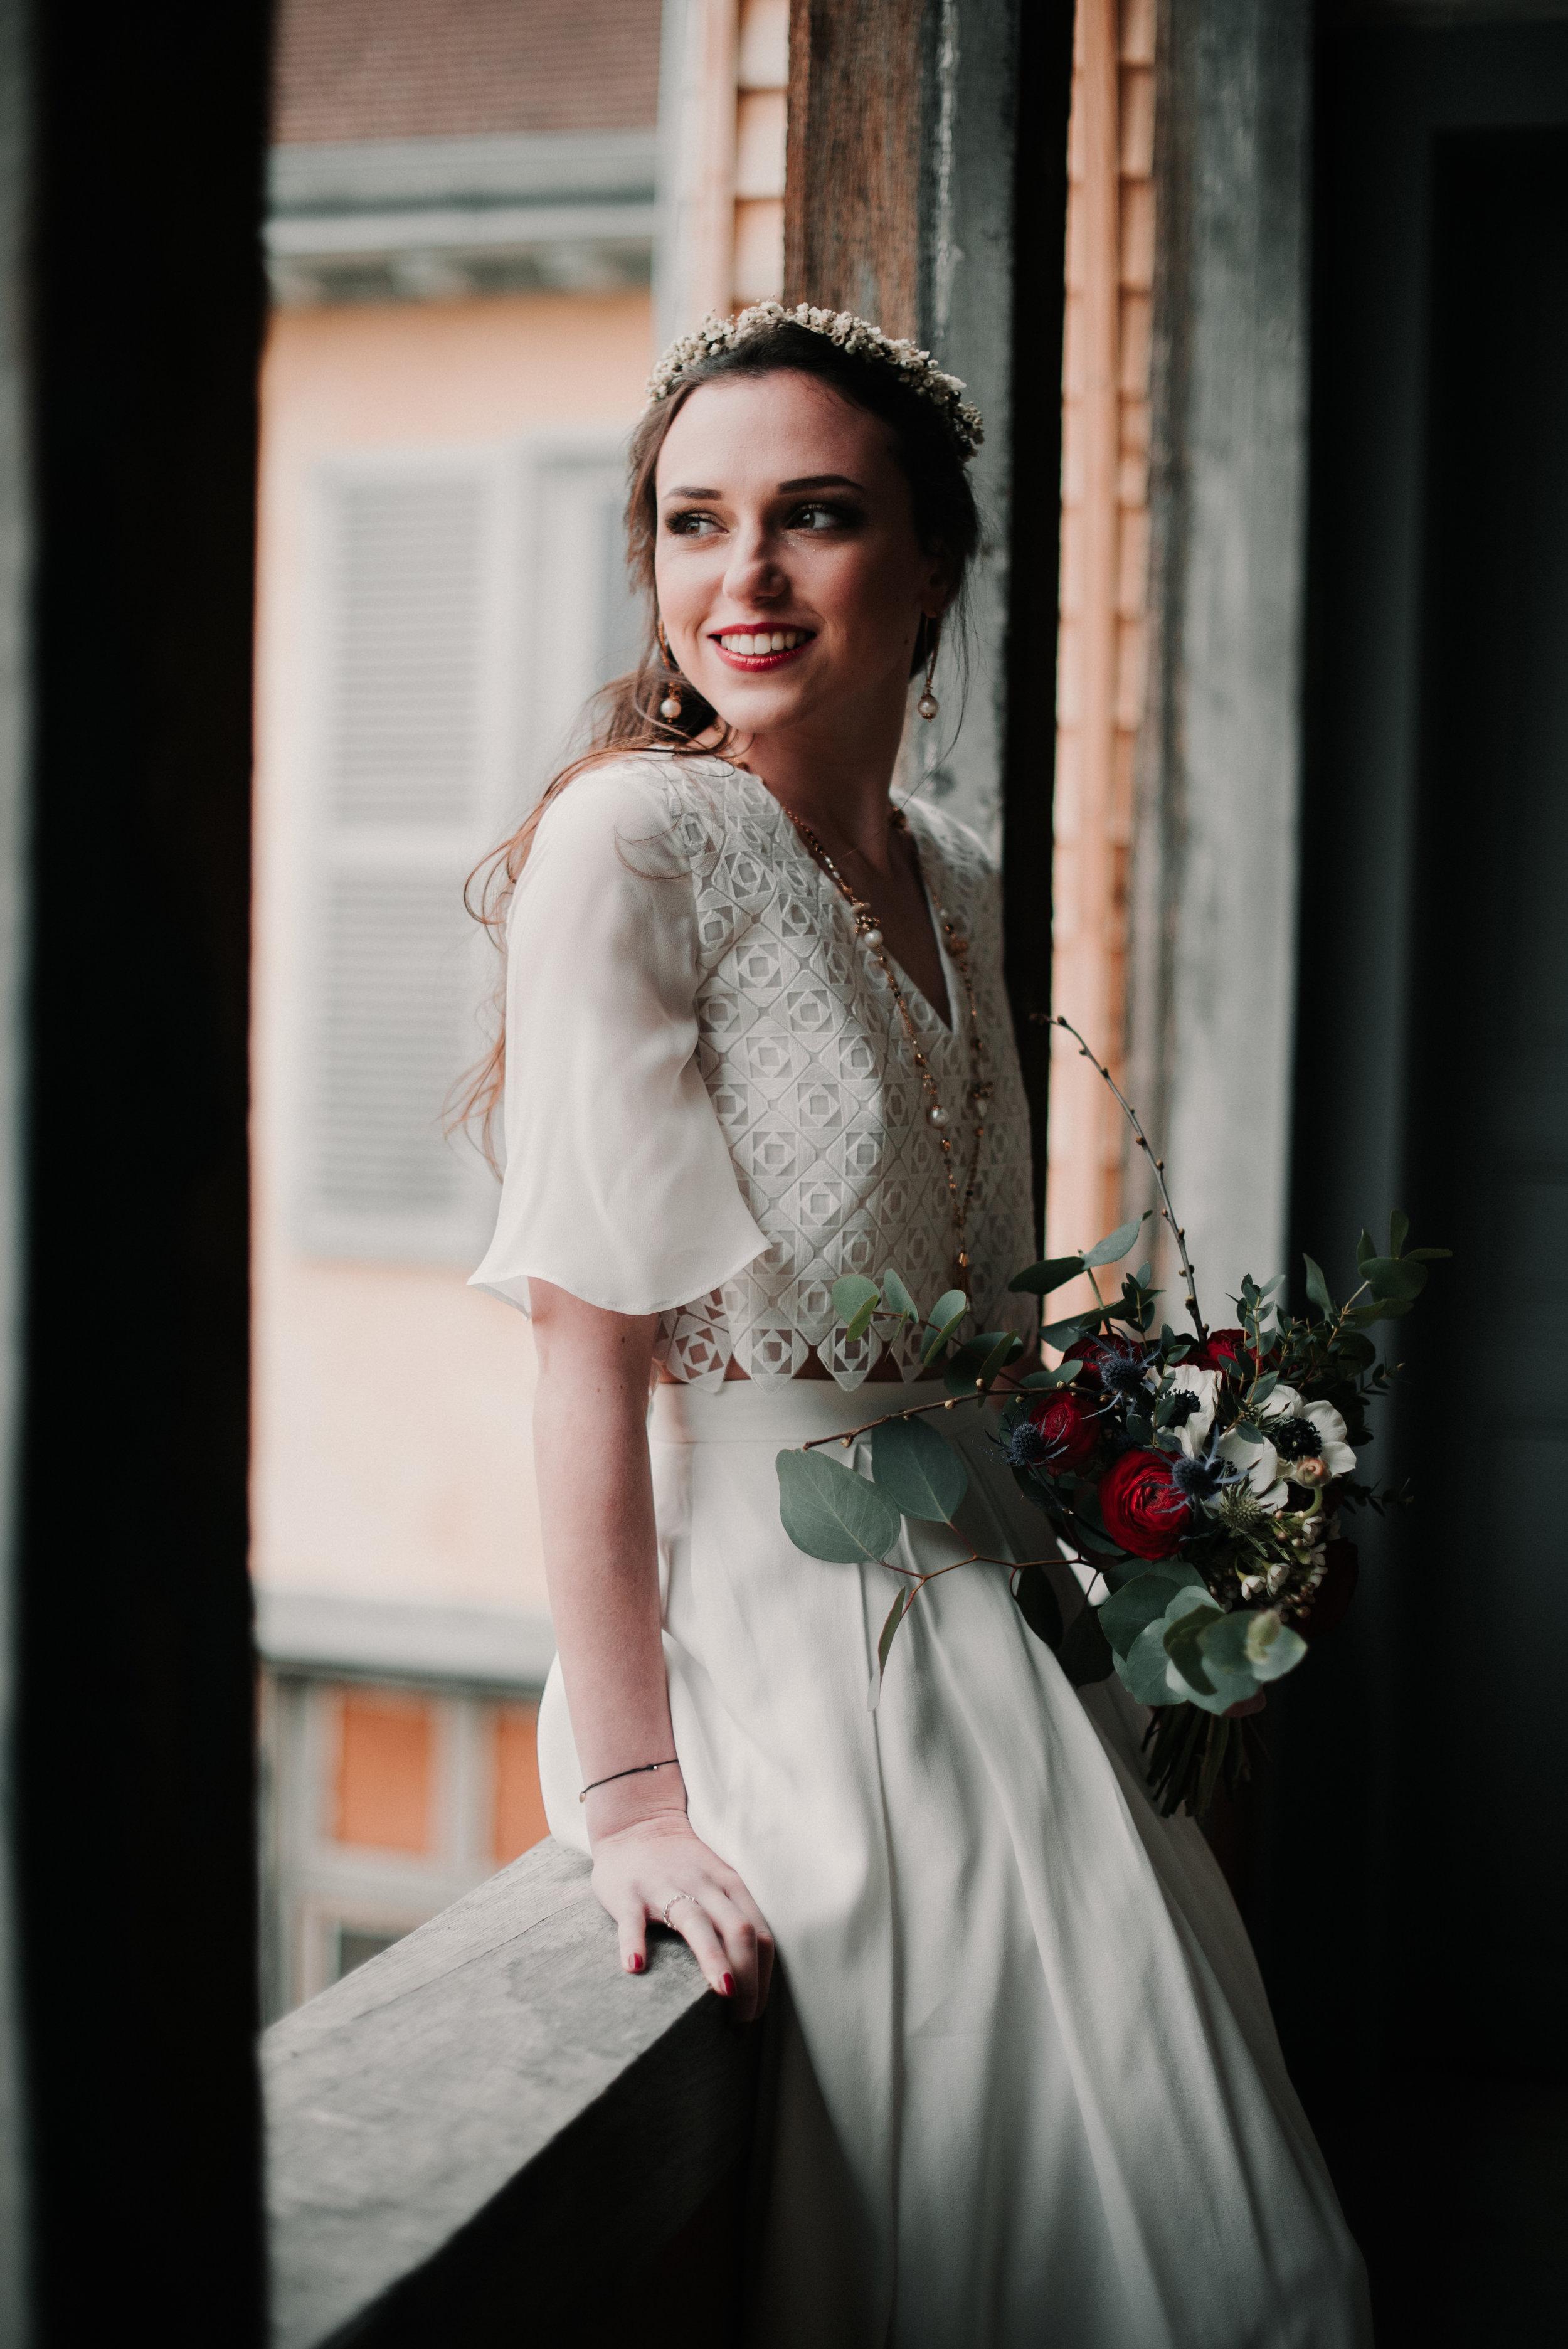 Léa-Fery-photographe-professionnel-lyon-rhone-alpes-portrait-creation-mariage-evenement-evenementiel-famille-3296.jpg